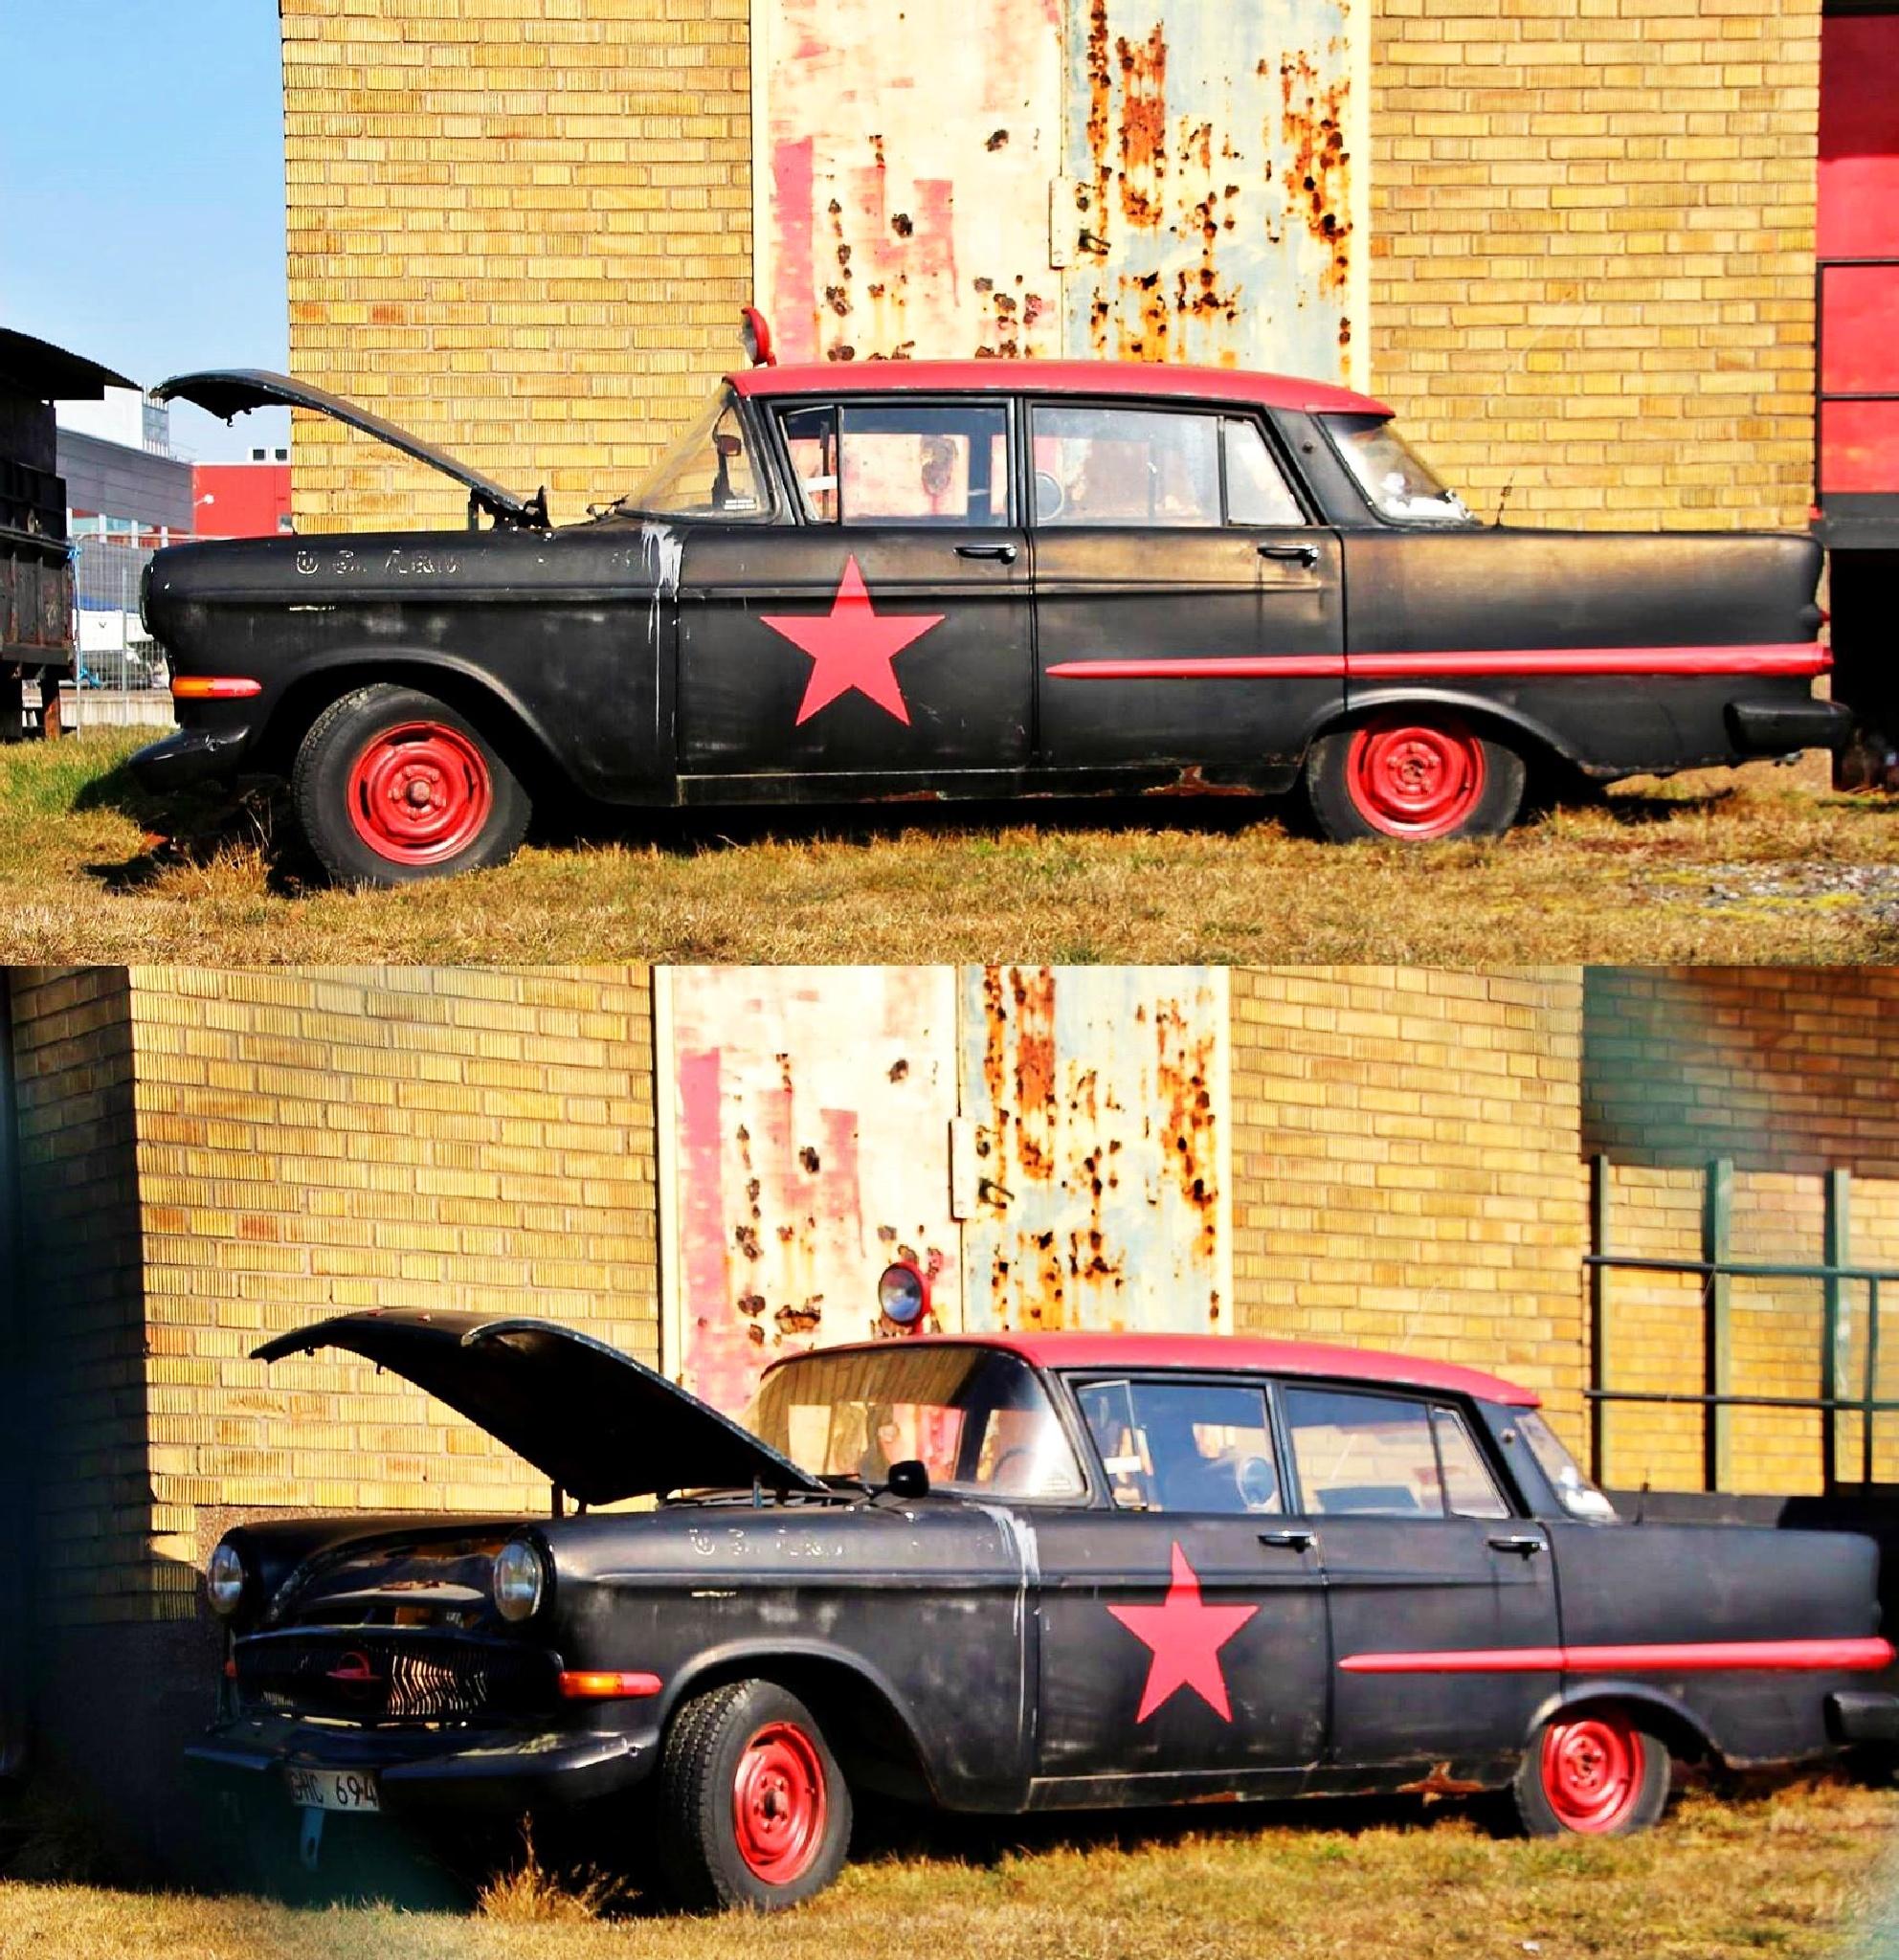 Rusty Car by Lejla Mehinovic